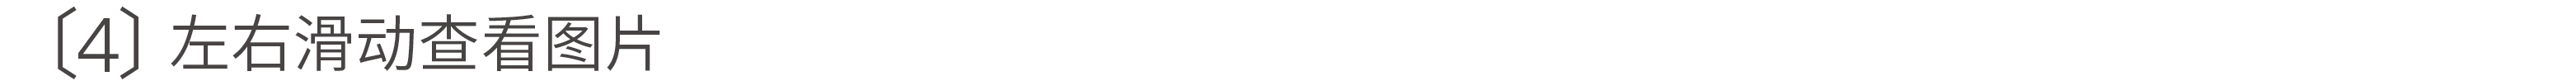 生命惊奇:泰康保险集团25周年艺术收藏展 生命 泰康保险集团 艺术 收藏展 Life Group 活动 陈东升 应惟伟 总监 崇真艺客